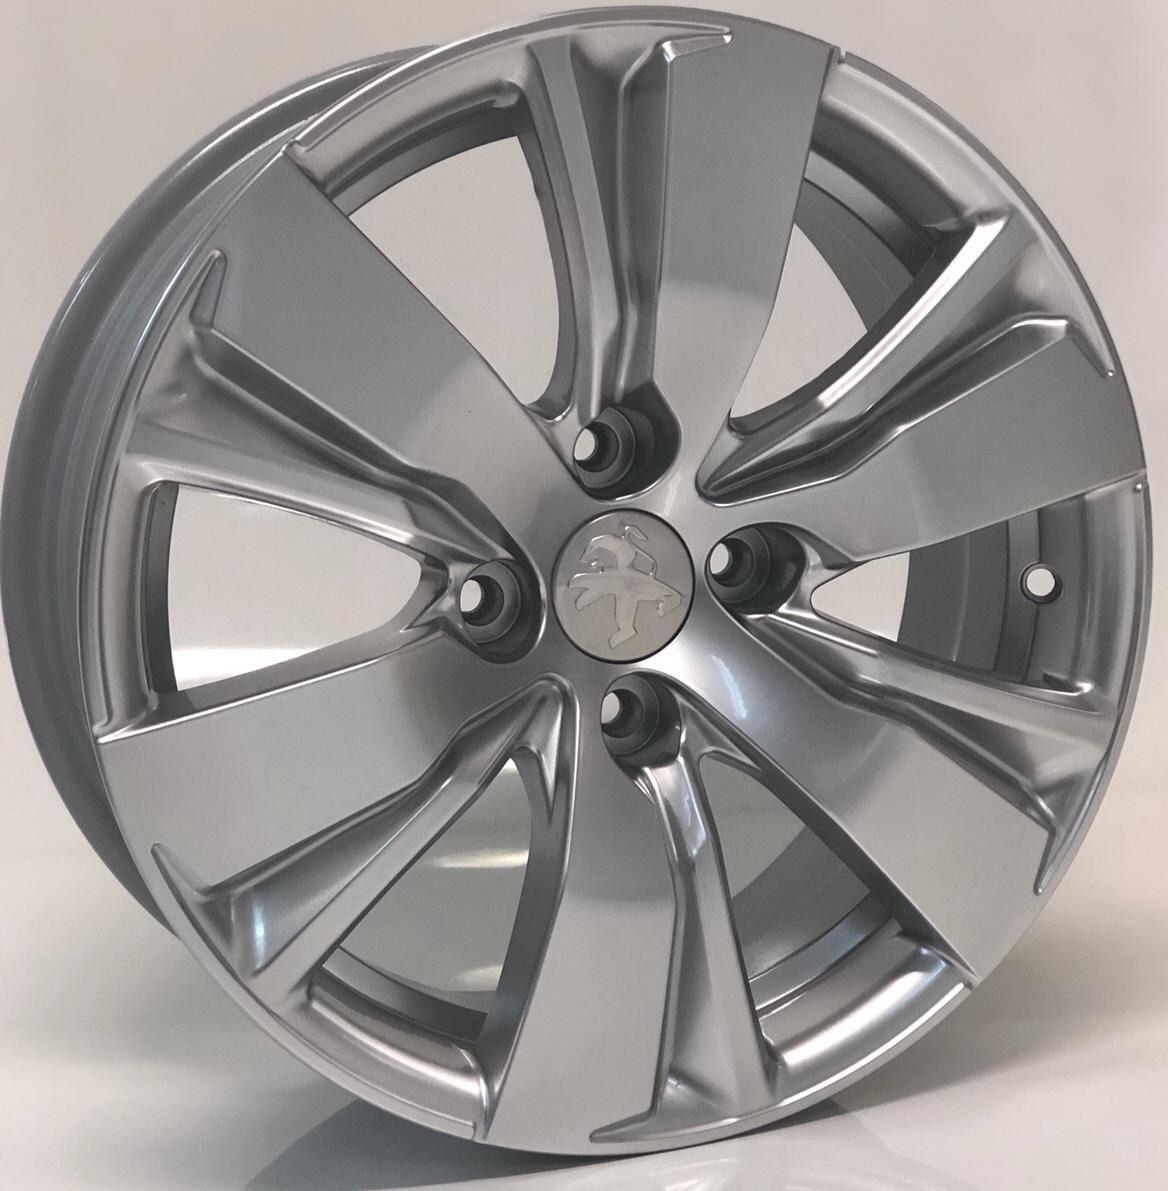 Roda Peugeot KR S05 16X6 4X108 Et20 jogo